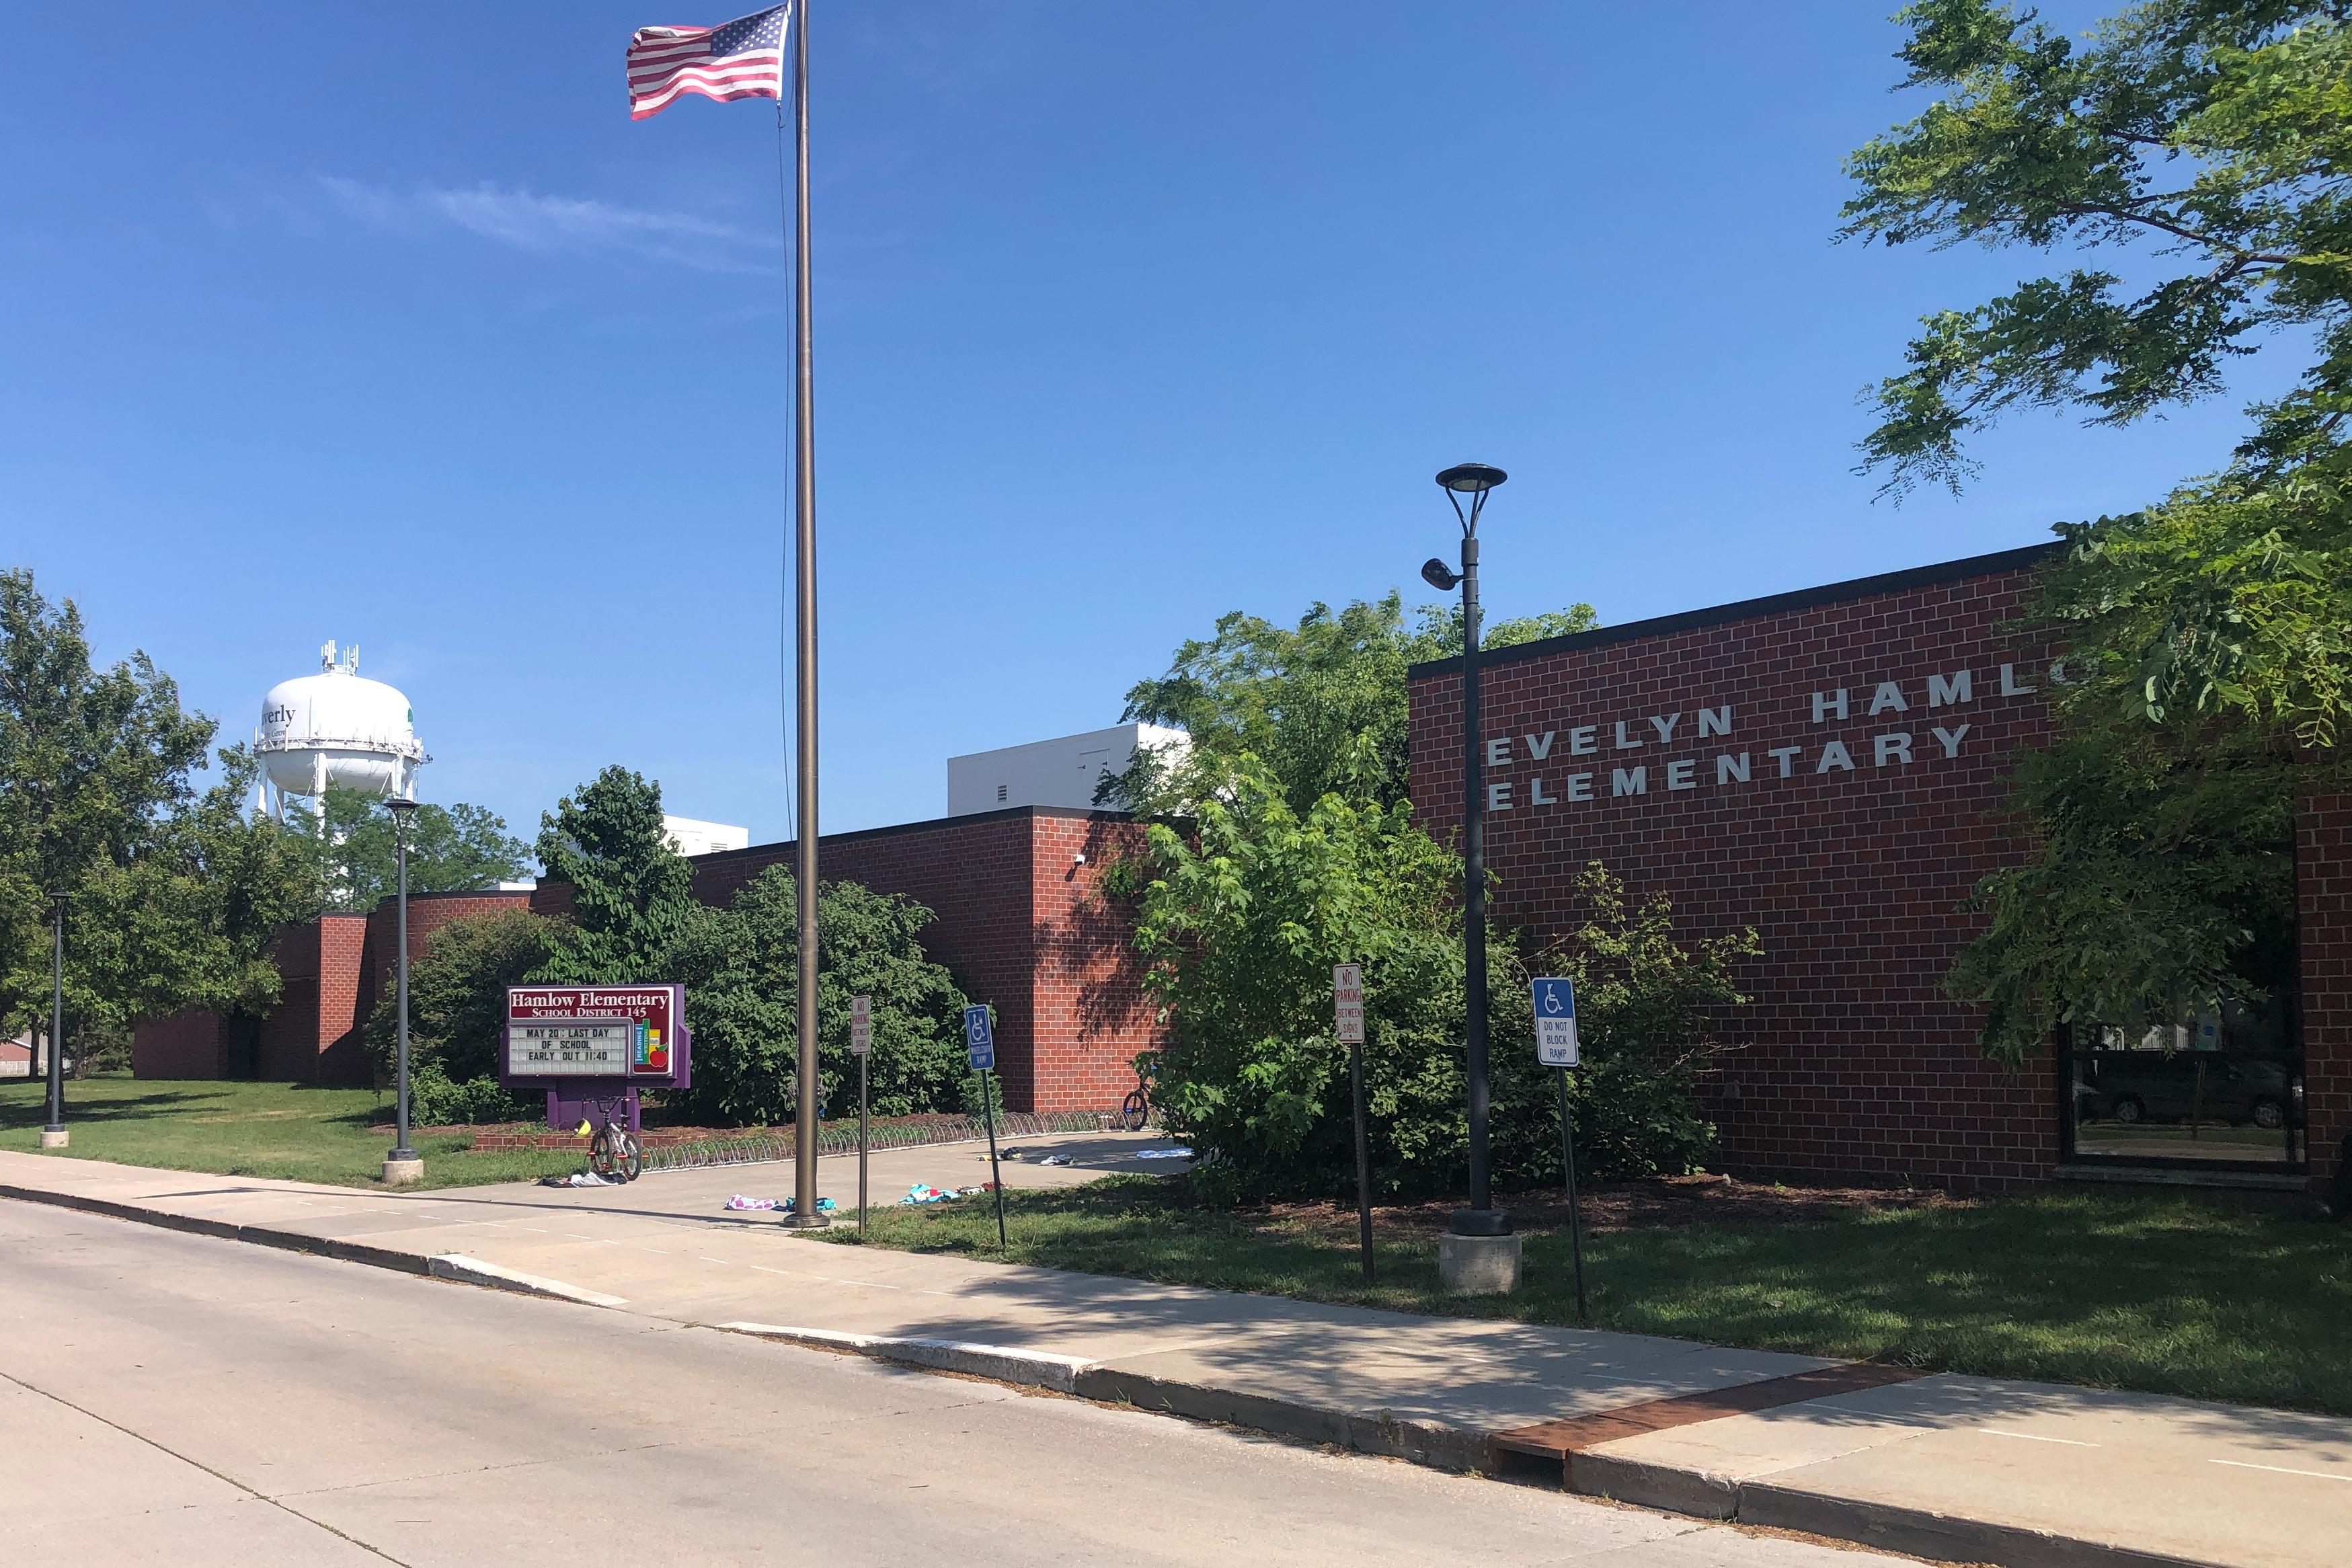 Hamlow Elementary